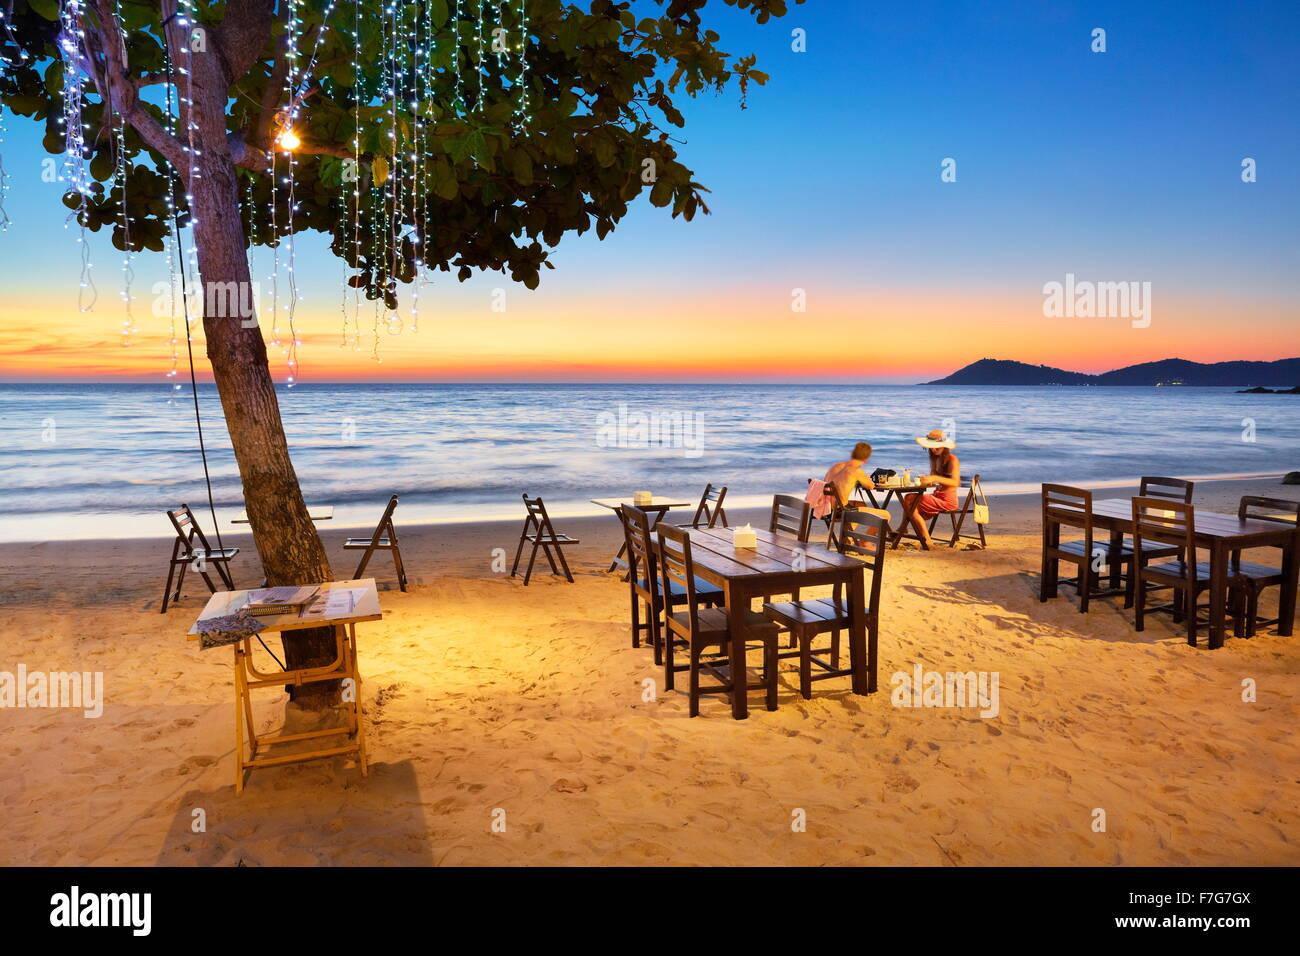 Le restaurant de la plage après le coucher du soleil, Koh Samet Island, Thaïlande Photo Stock